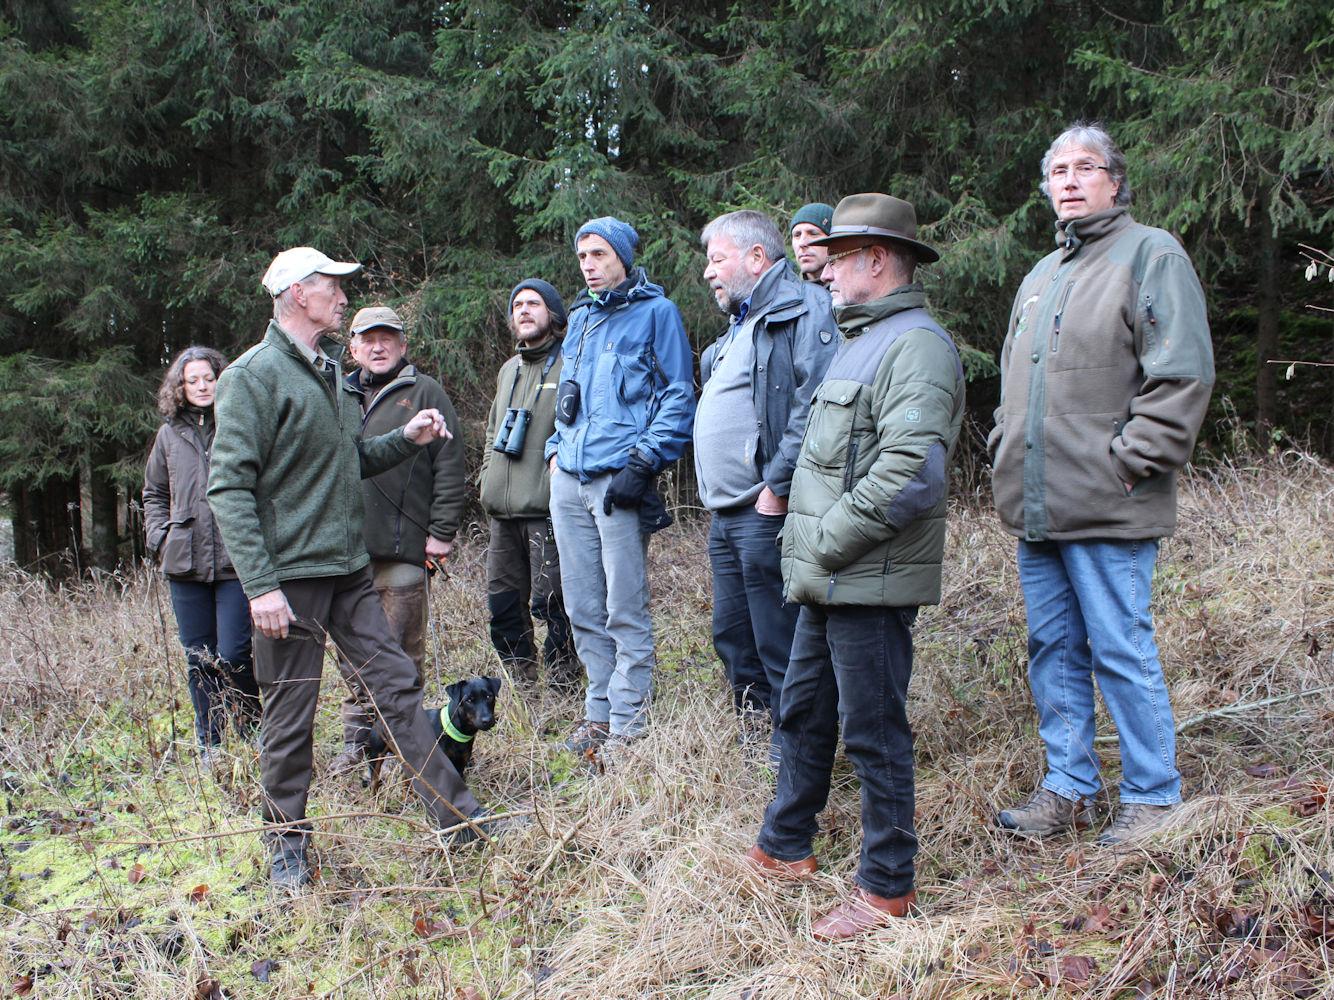 Treffen der Biberbeauftragen im Naturpark Fränkische Schweiz - Frankenjura